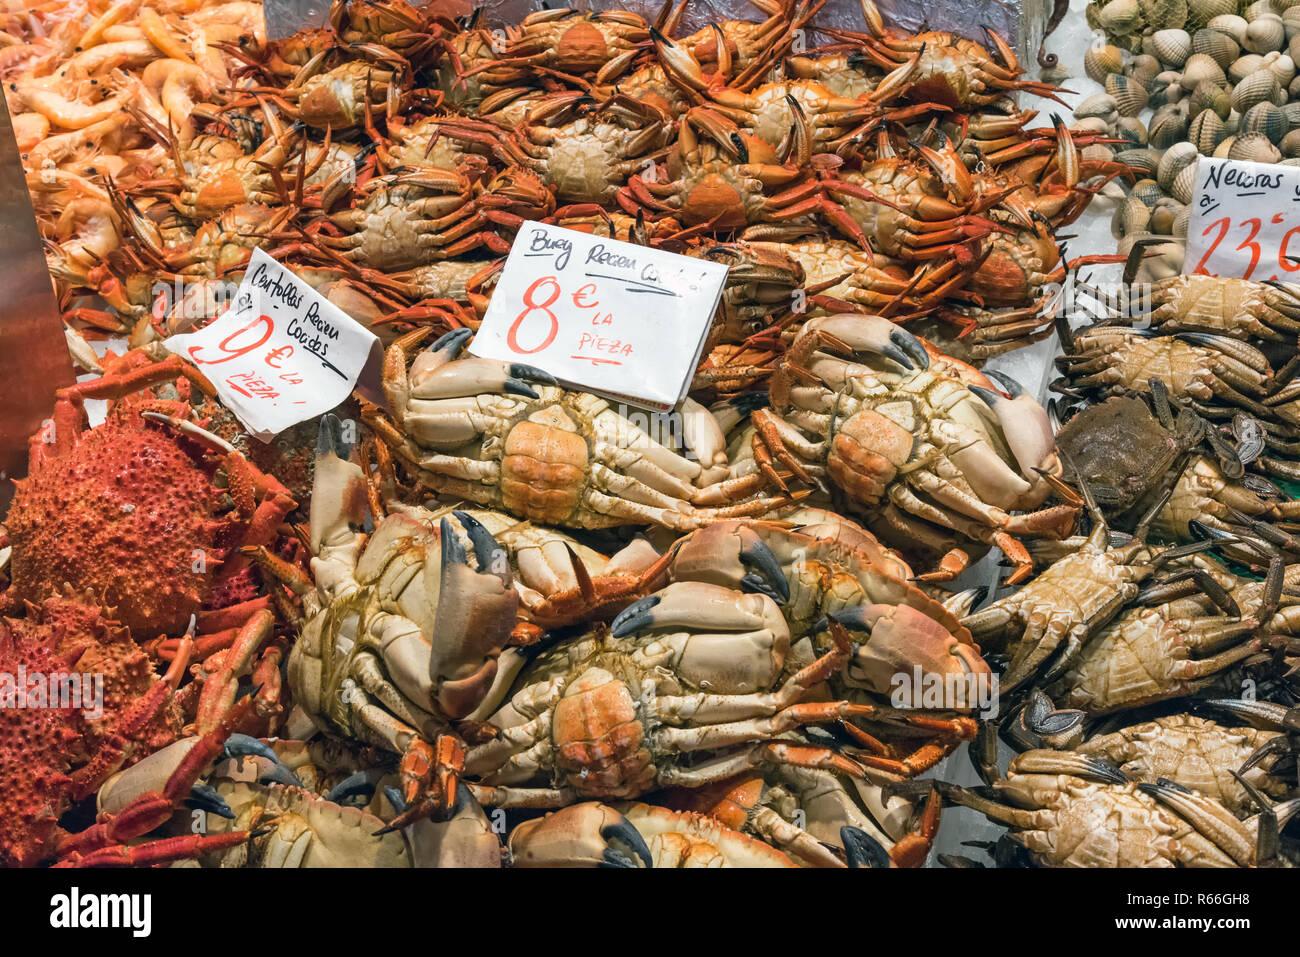 Krebse und andere Krustentiere auf einem Markt in Madrid, Spanien - Stock Image